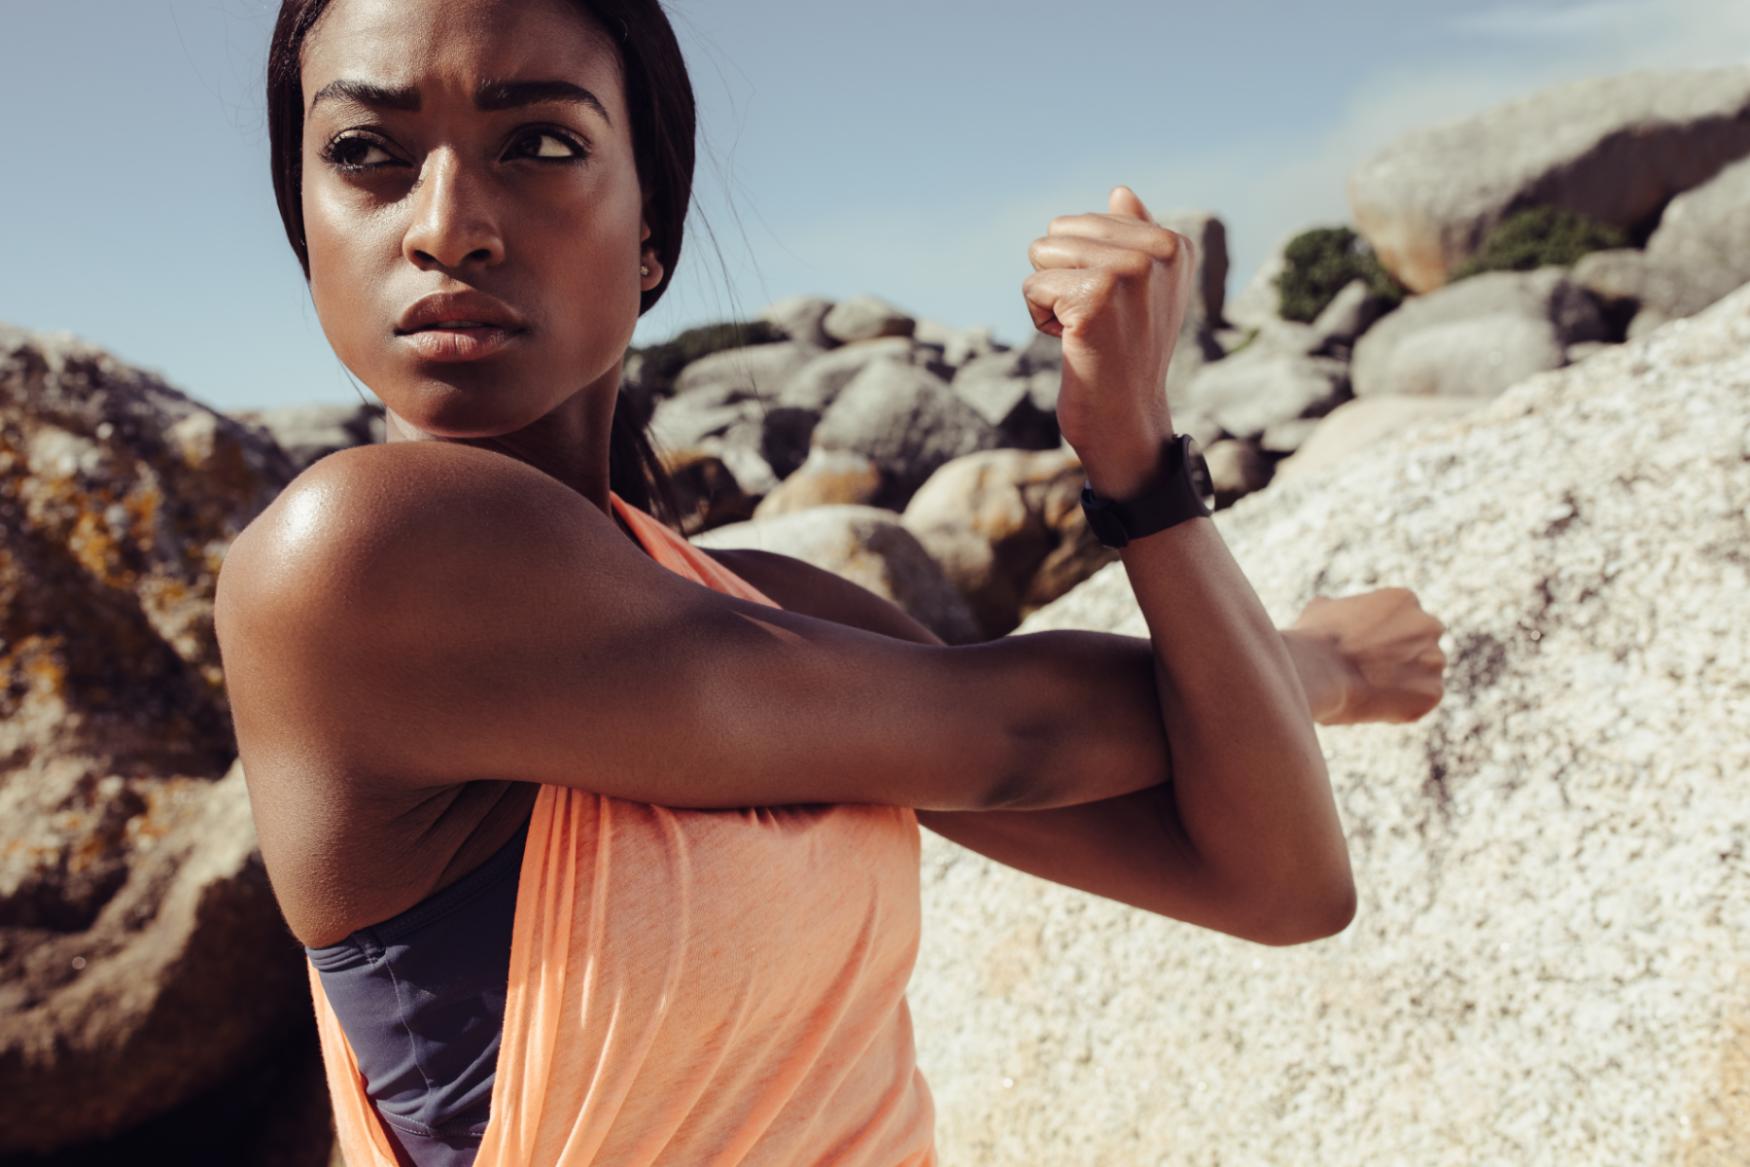 Quels échauffements avant l'activité physique ?